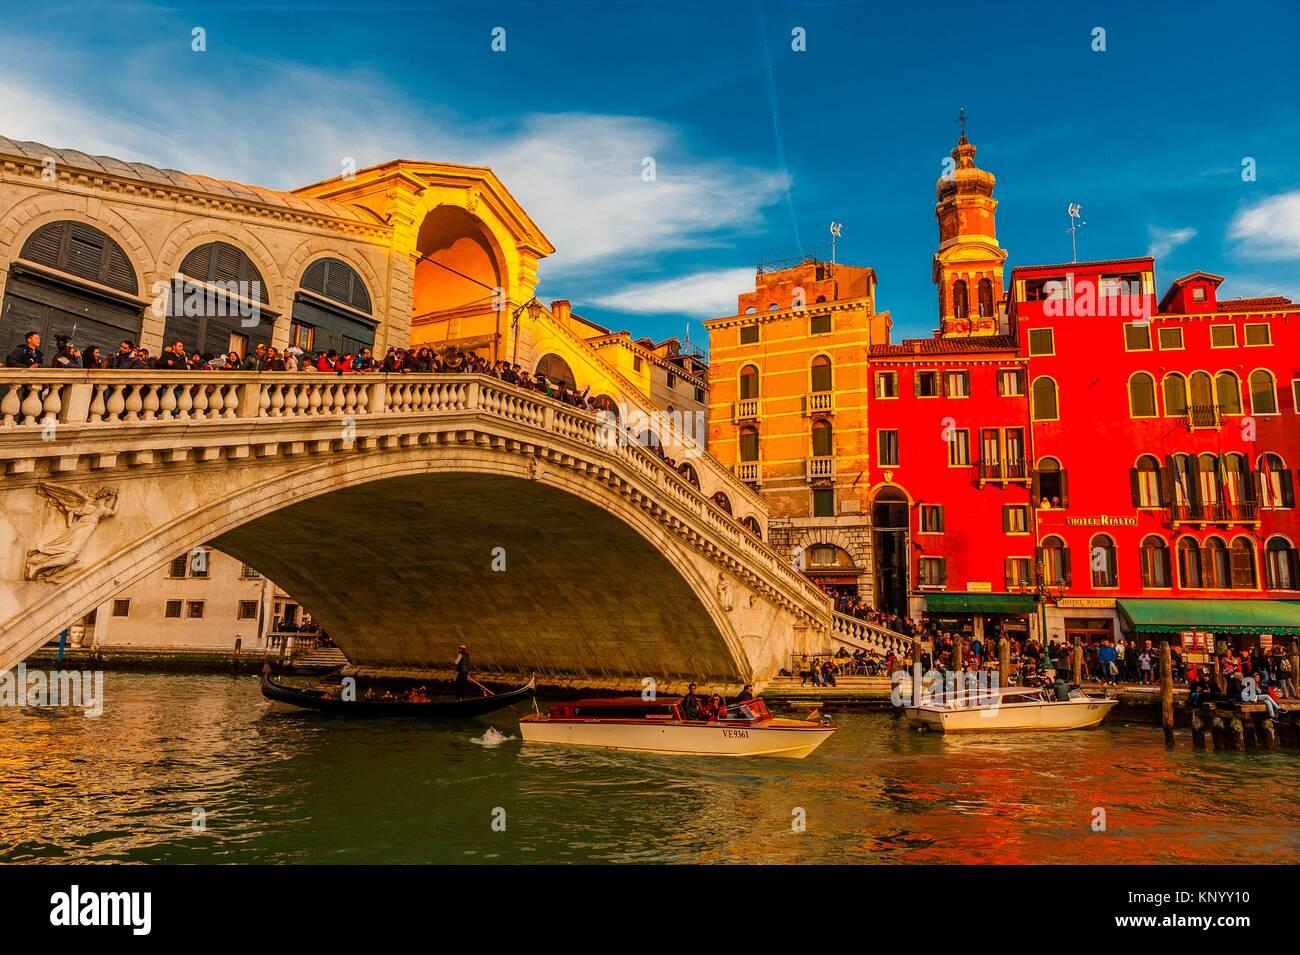 Gondeln, die Rialtobrücke, Grand Canal, Venice, Italien. Stockbild